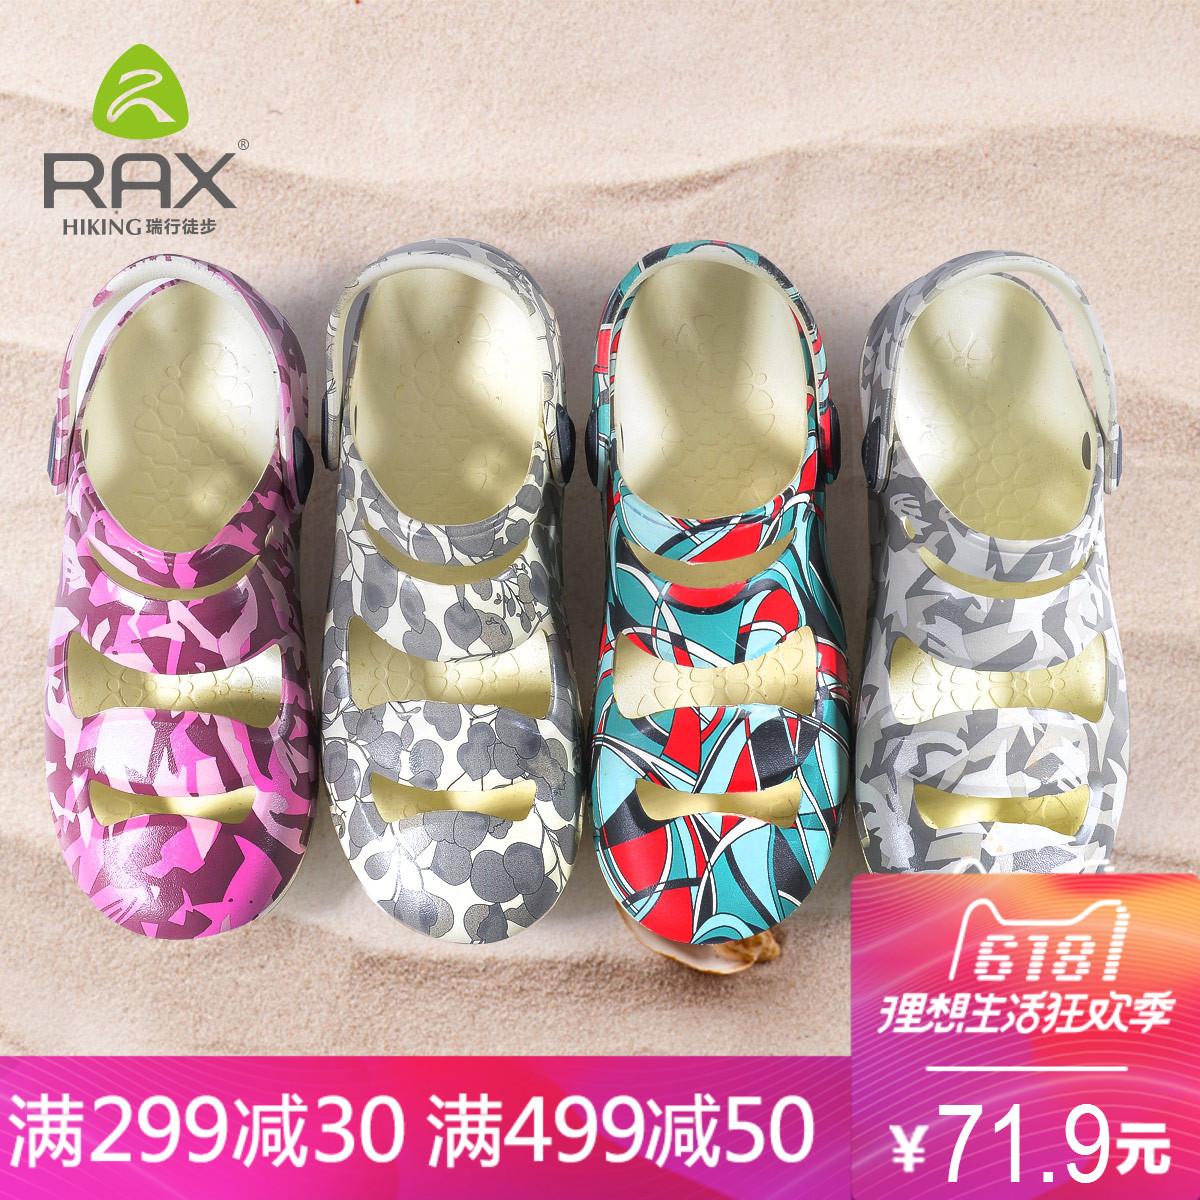 Rax 徒步鞋好不好,徒步鞋哪个牌子好